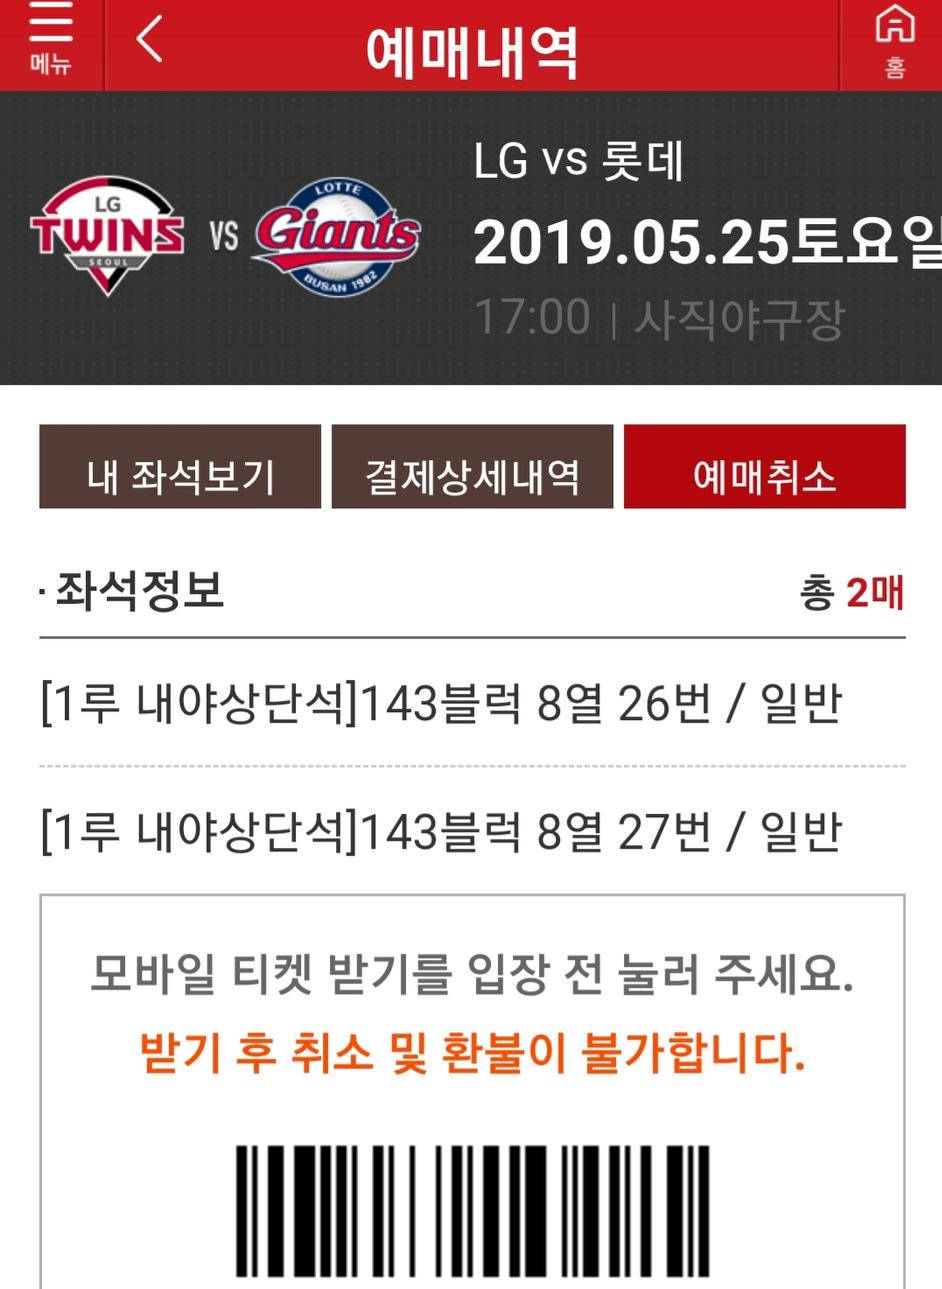 ♡5월25일 토요일♡사직야구장 롯데 vs LG 1루상단내야2연석  유니폼선물